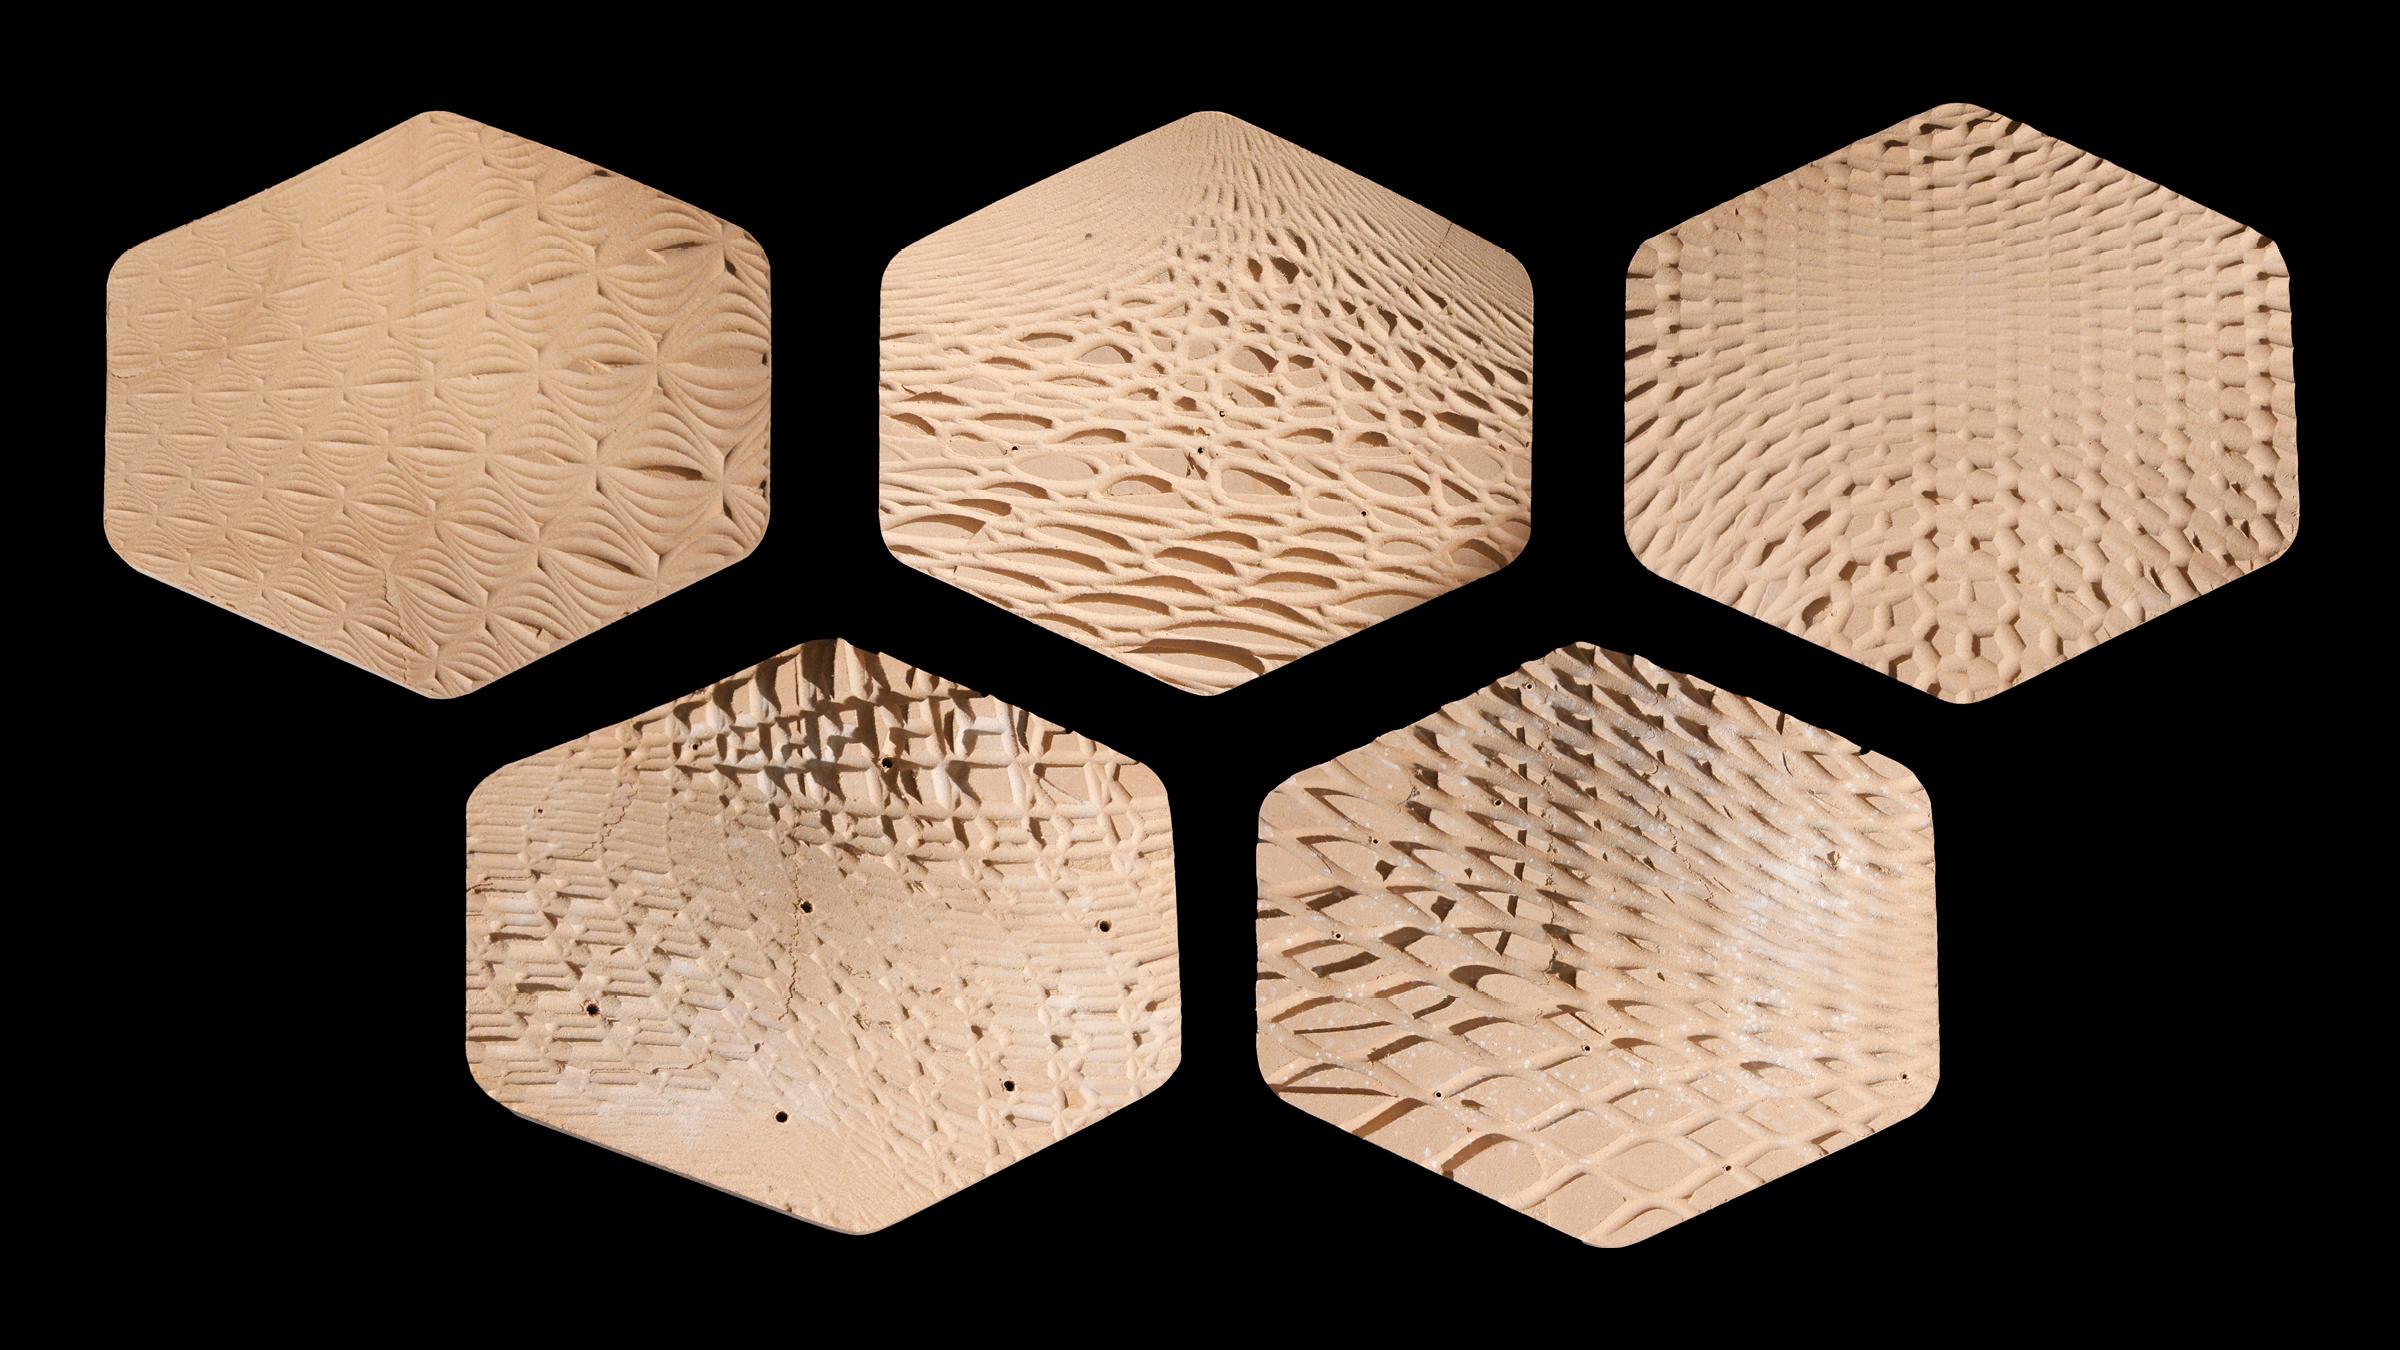 subtractive topogaphies images11.jpg